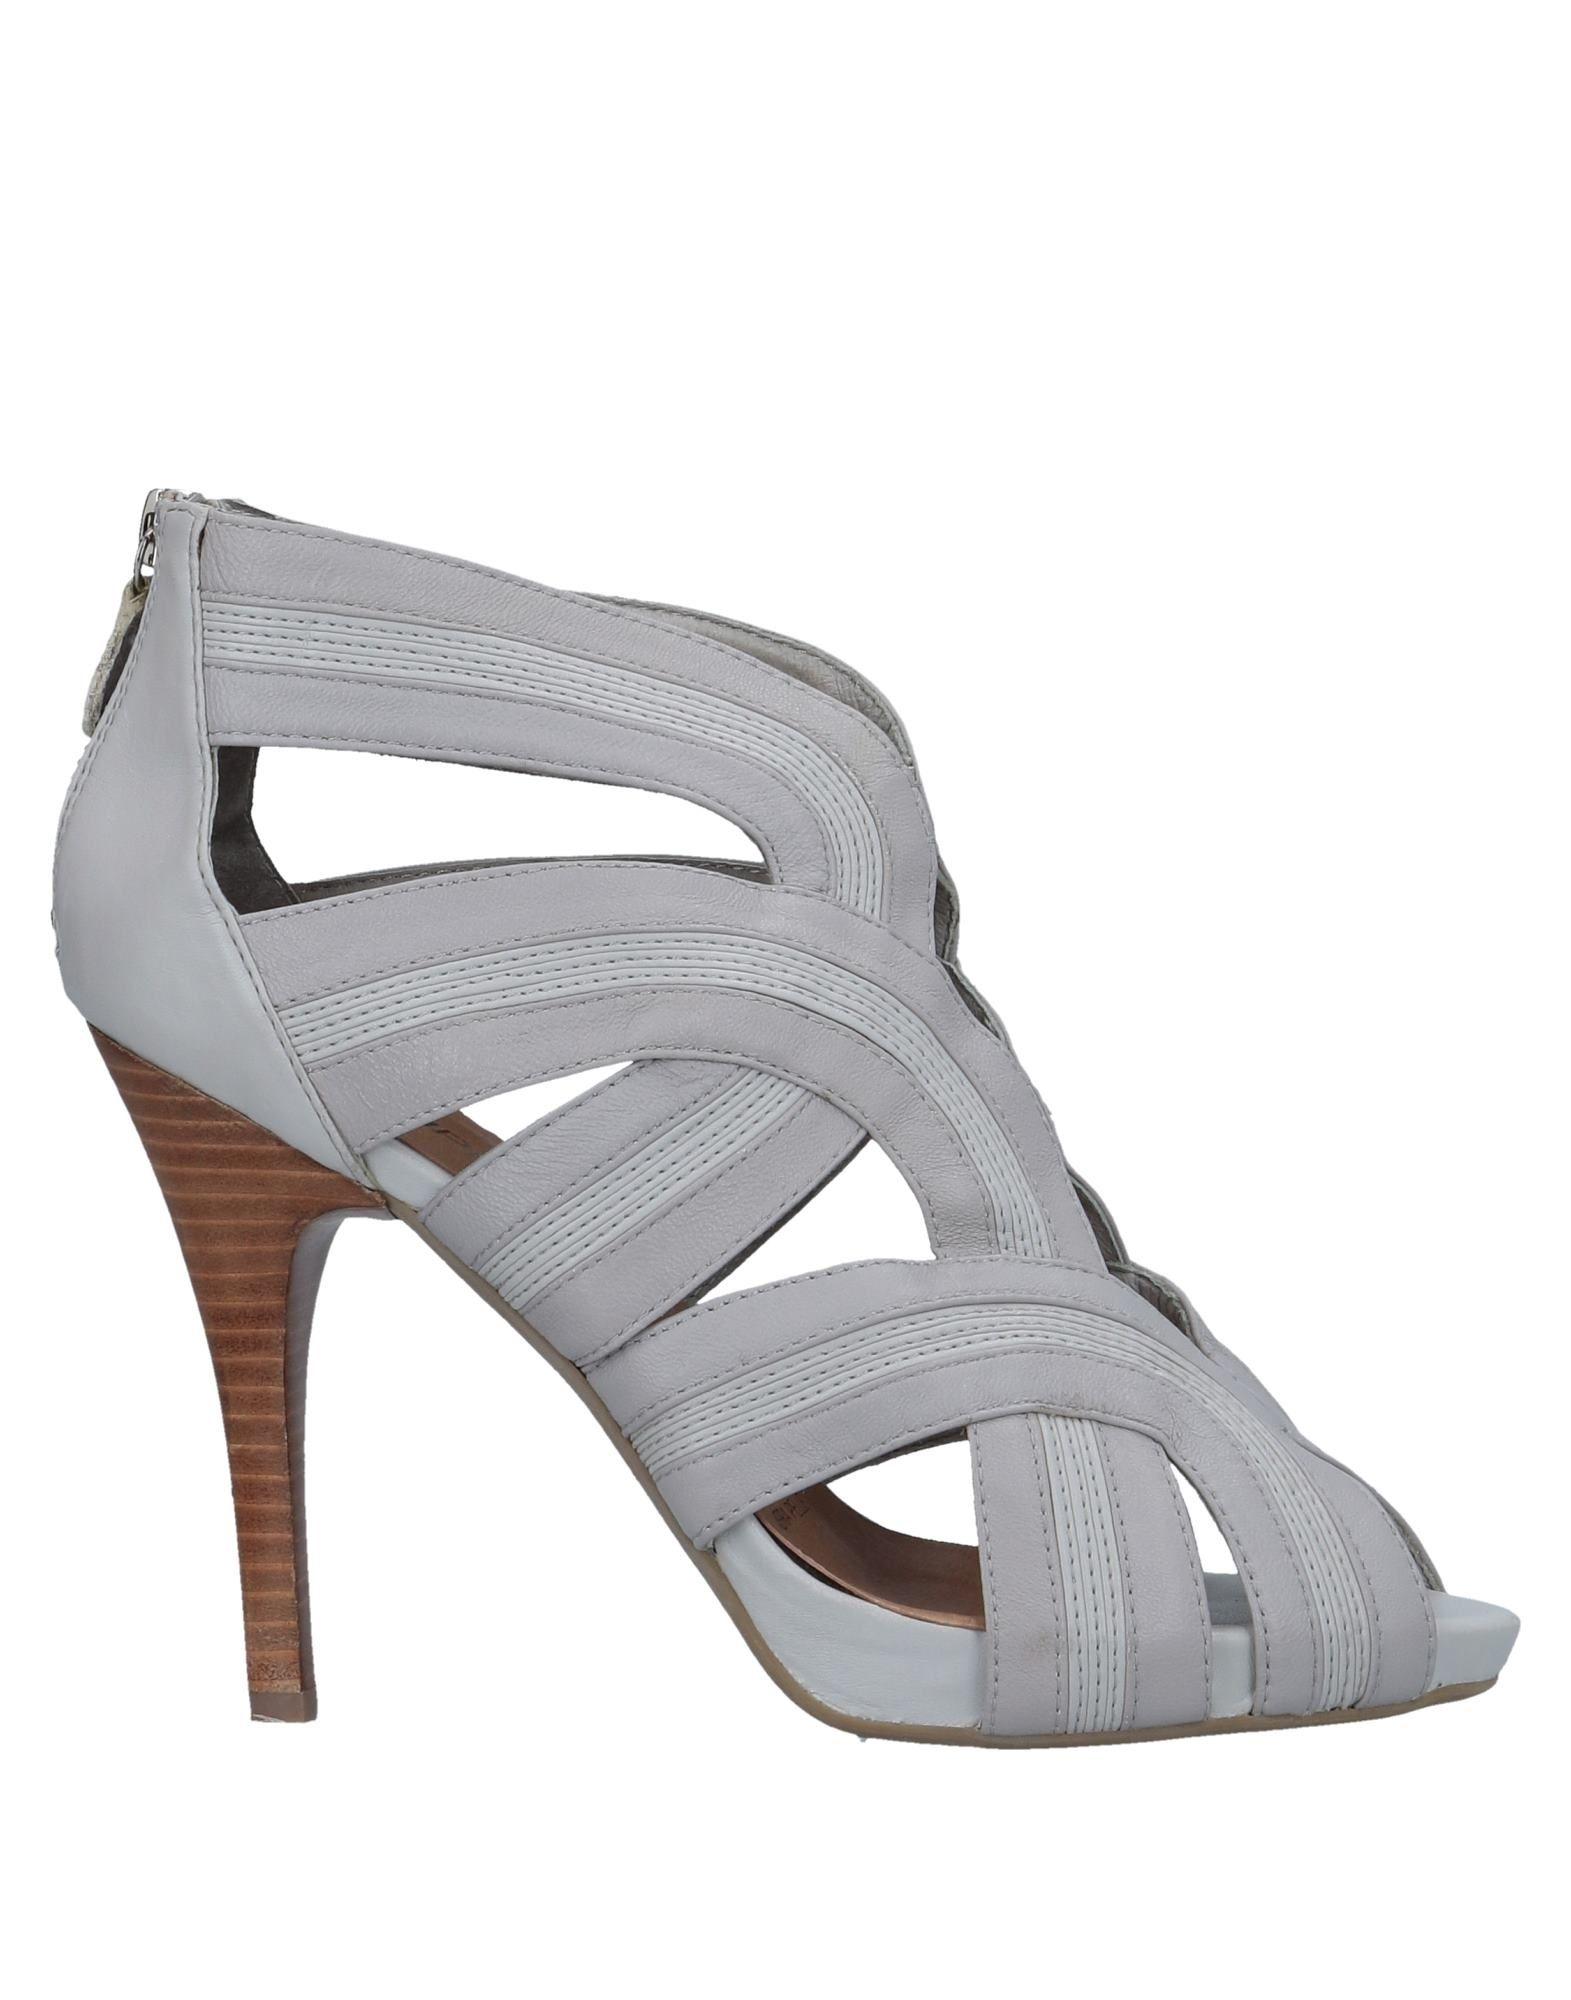 Sandali Pompili Donna - 11522557TE Scarpe economiche e buone